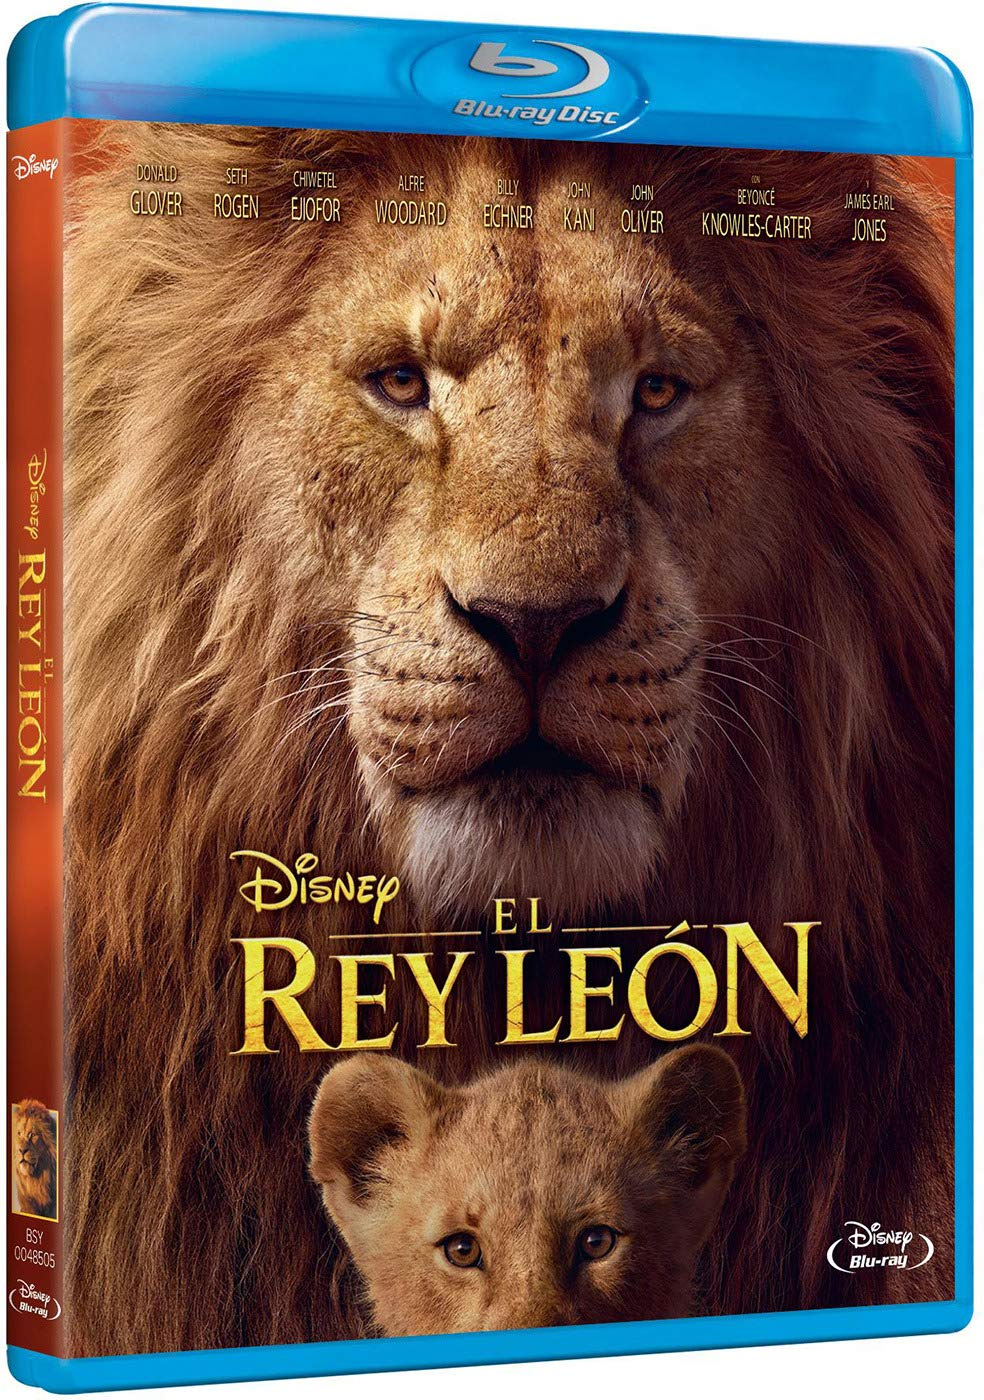 El rey léon